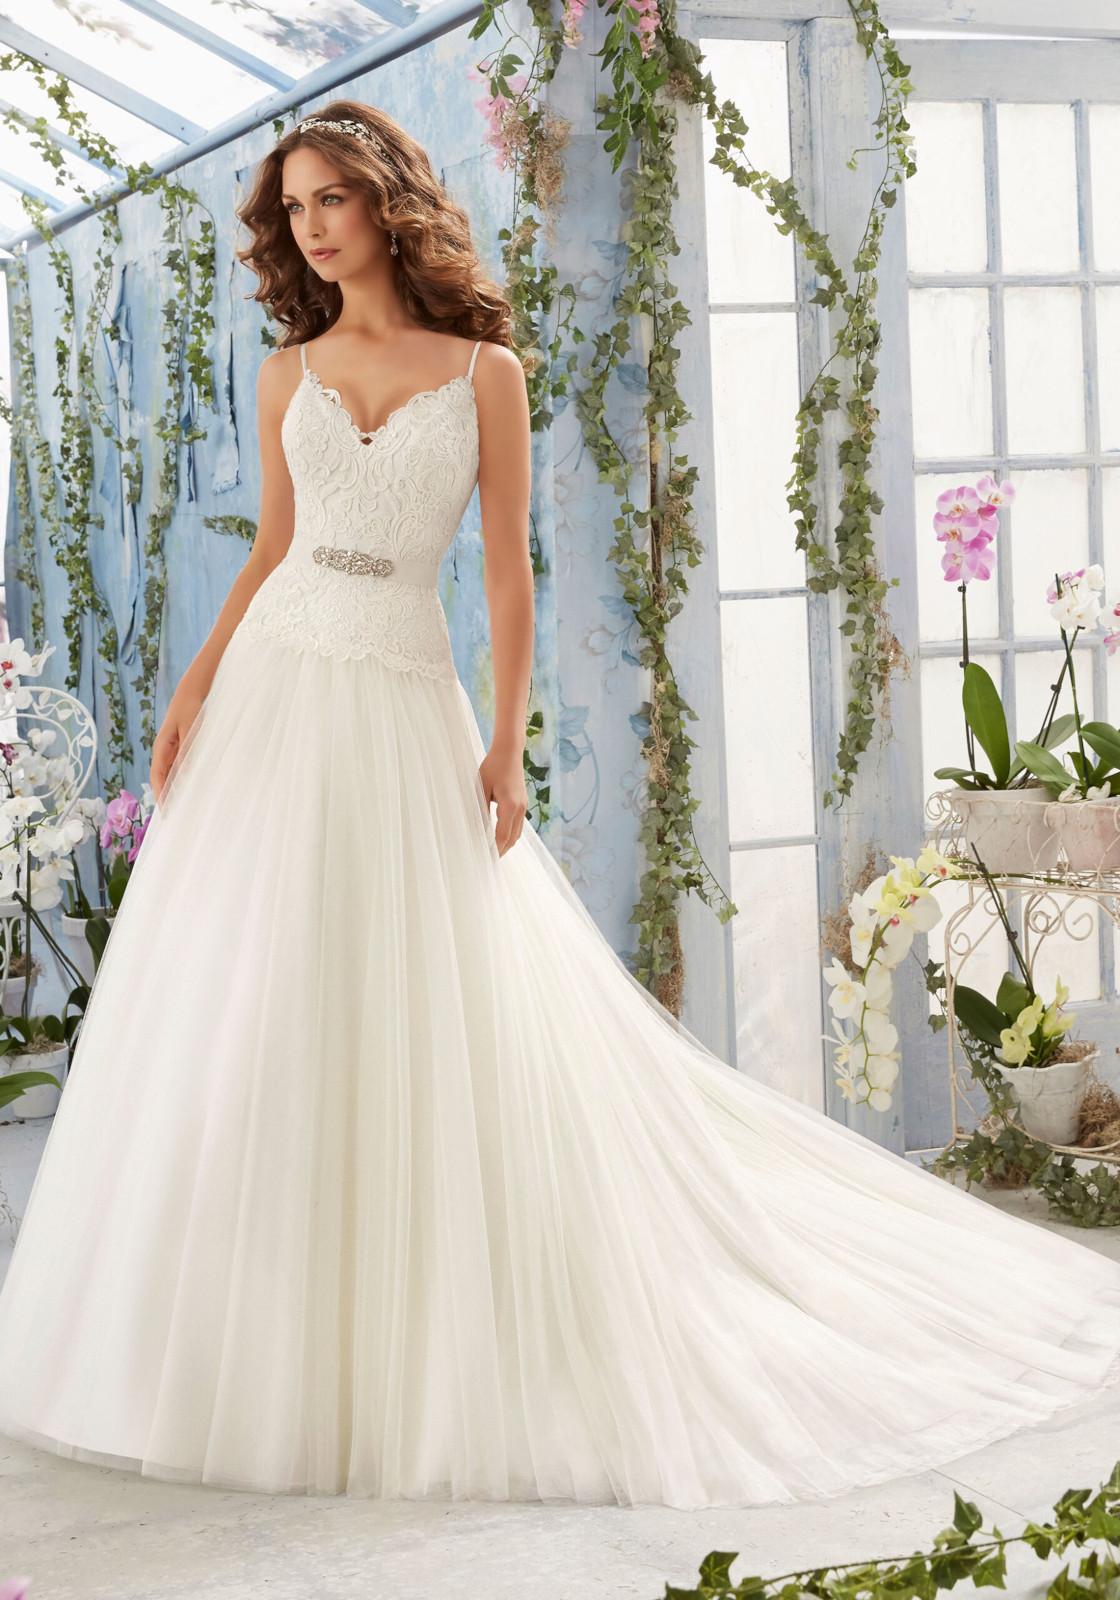 Νυφικό Φόρεμα, MORILEE, με Πλούσια Φούστα, Style. 5411